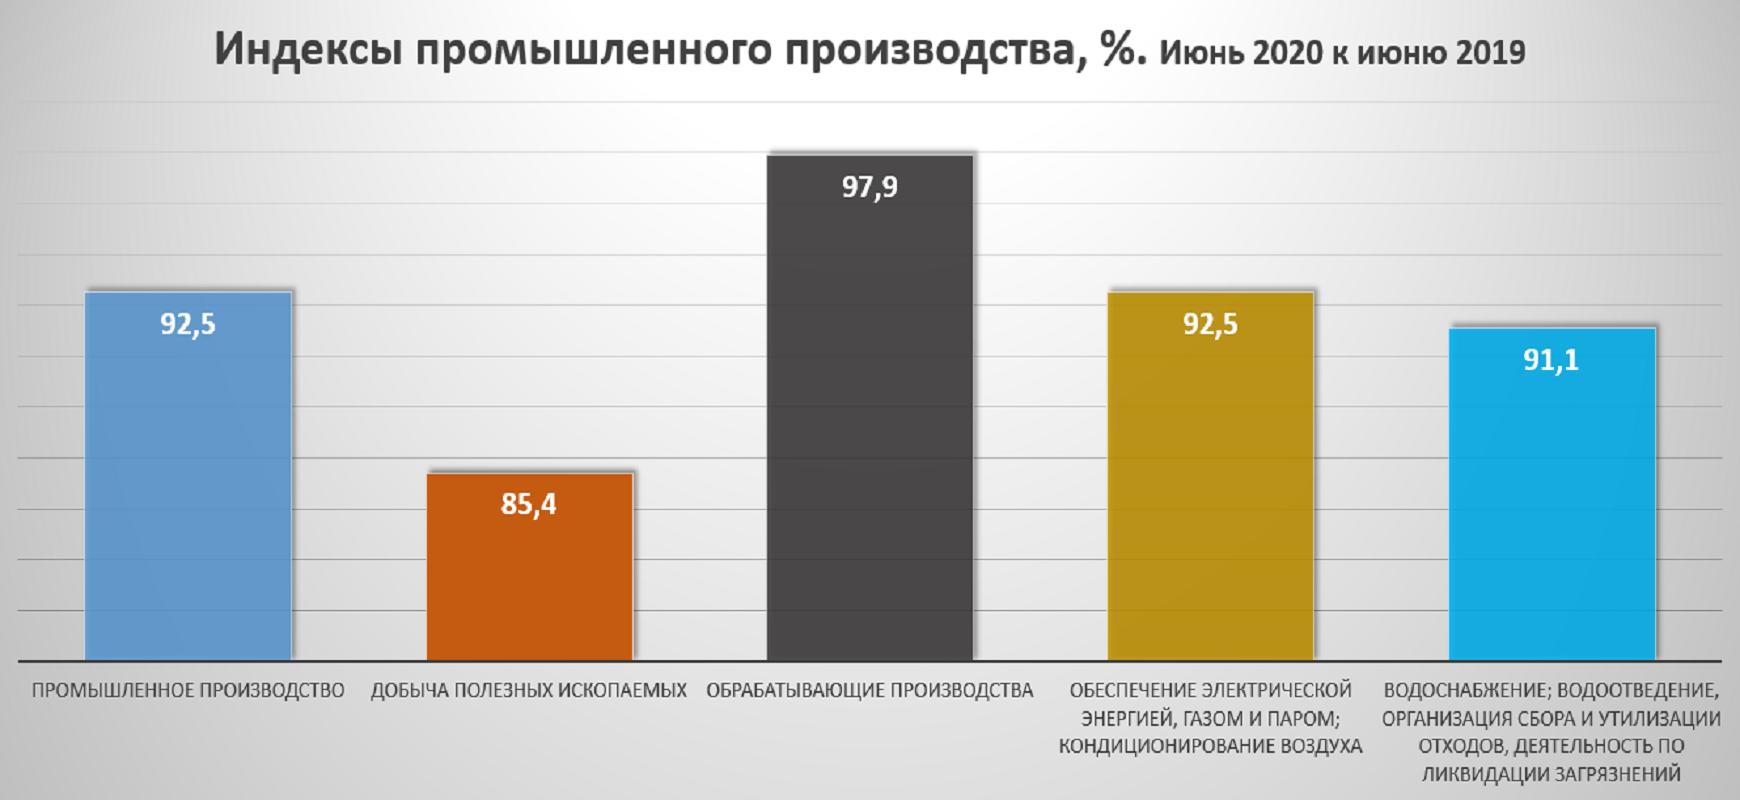 Индекс промышленного производства в Пермском крае снизился на 2,50%